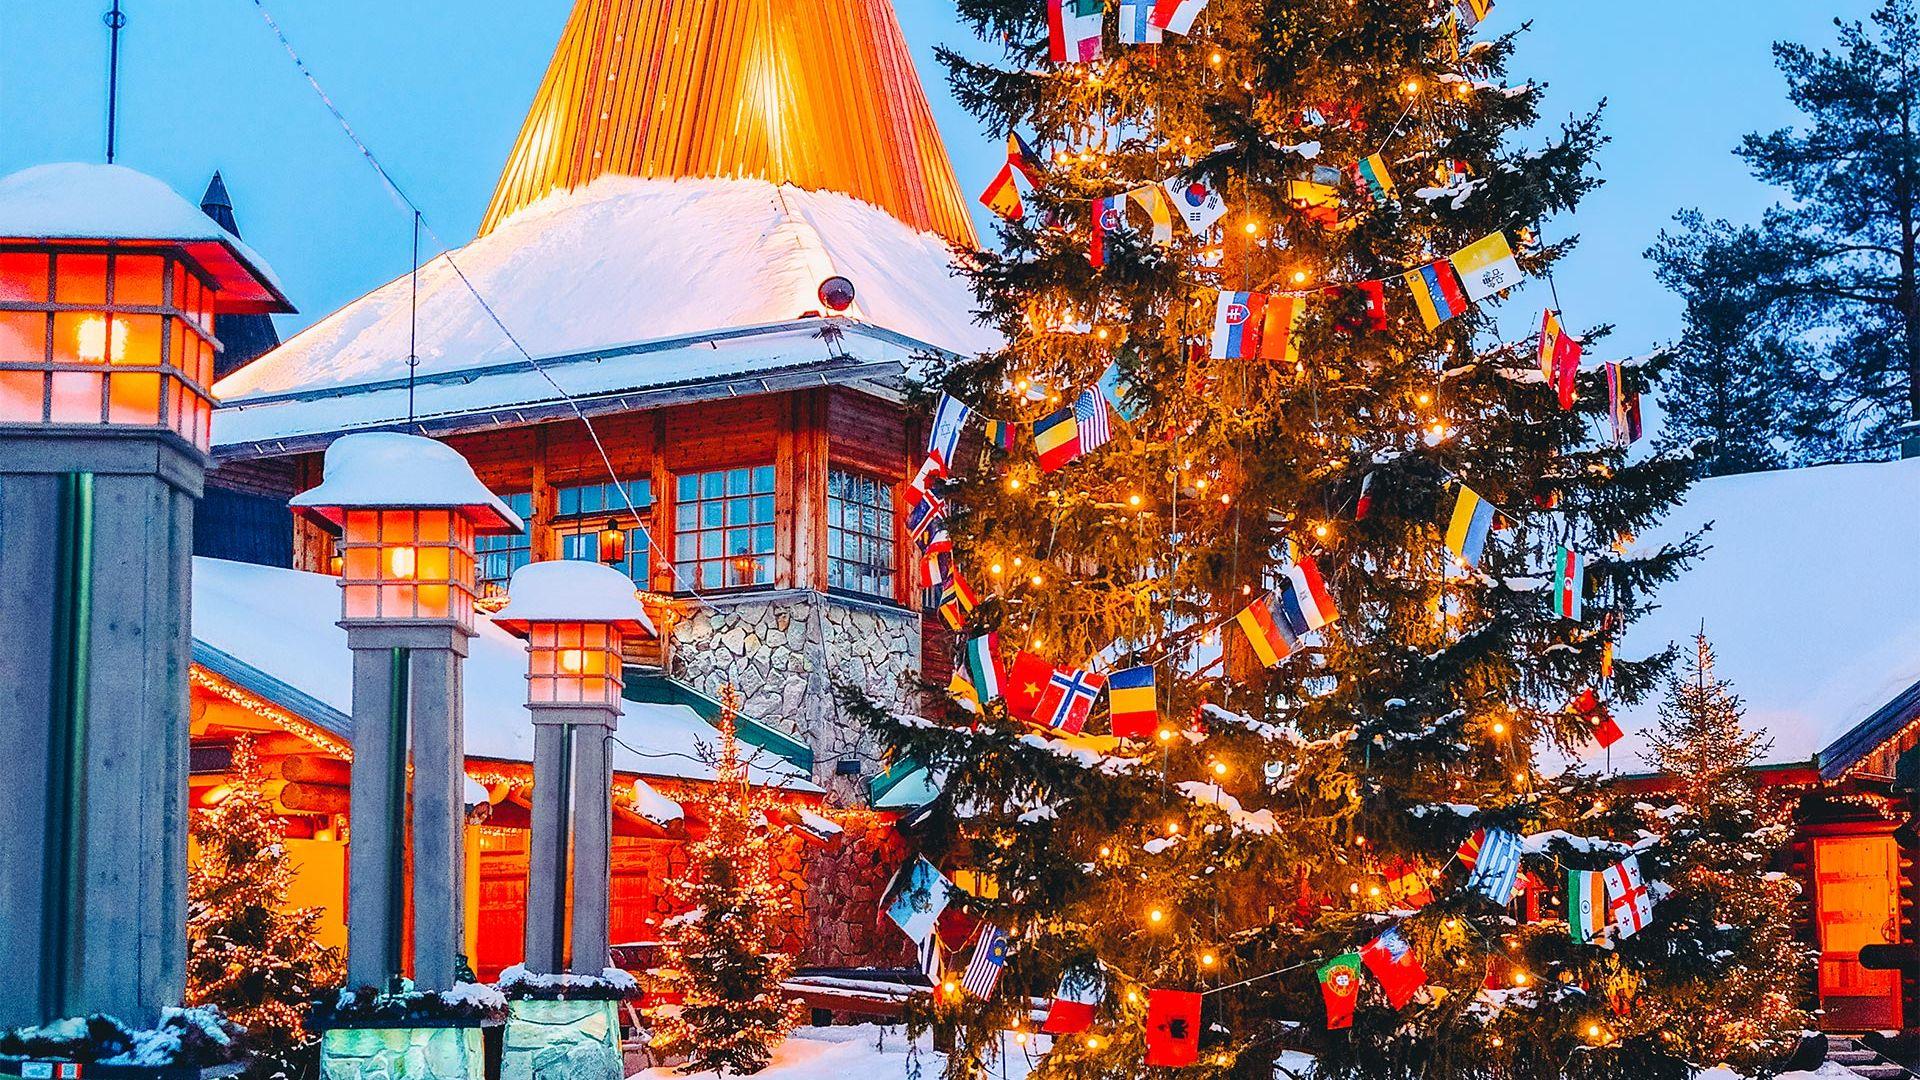 In vizita la Mos Craciun - Descopera Laponia cu Eturia si Razvan Pascu, 5 zile - 18 decembrie 2021